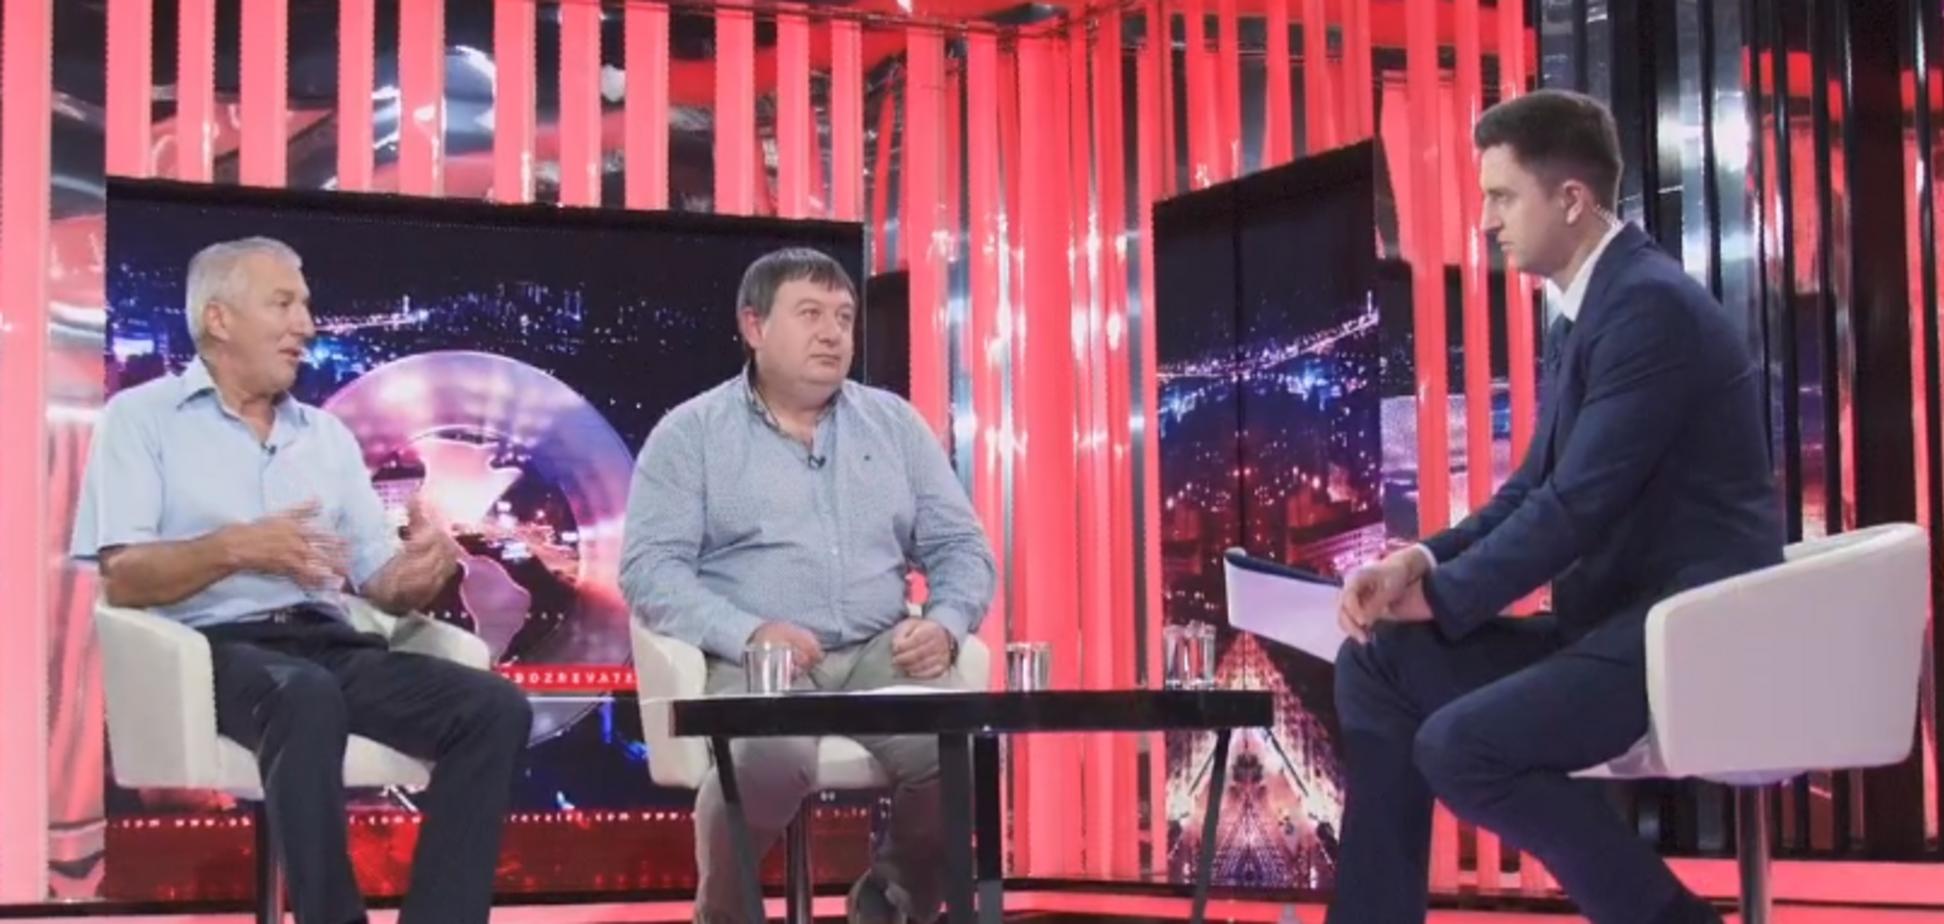 'Потрібні рішення': депутати черкаської міськради провели 'підпільне' засідання в Каневі